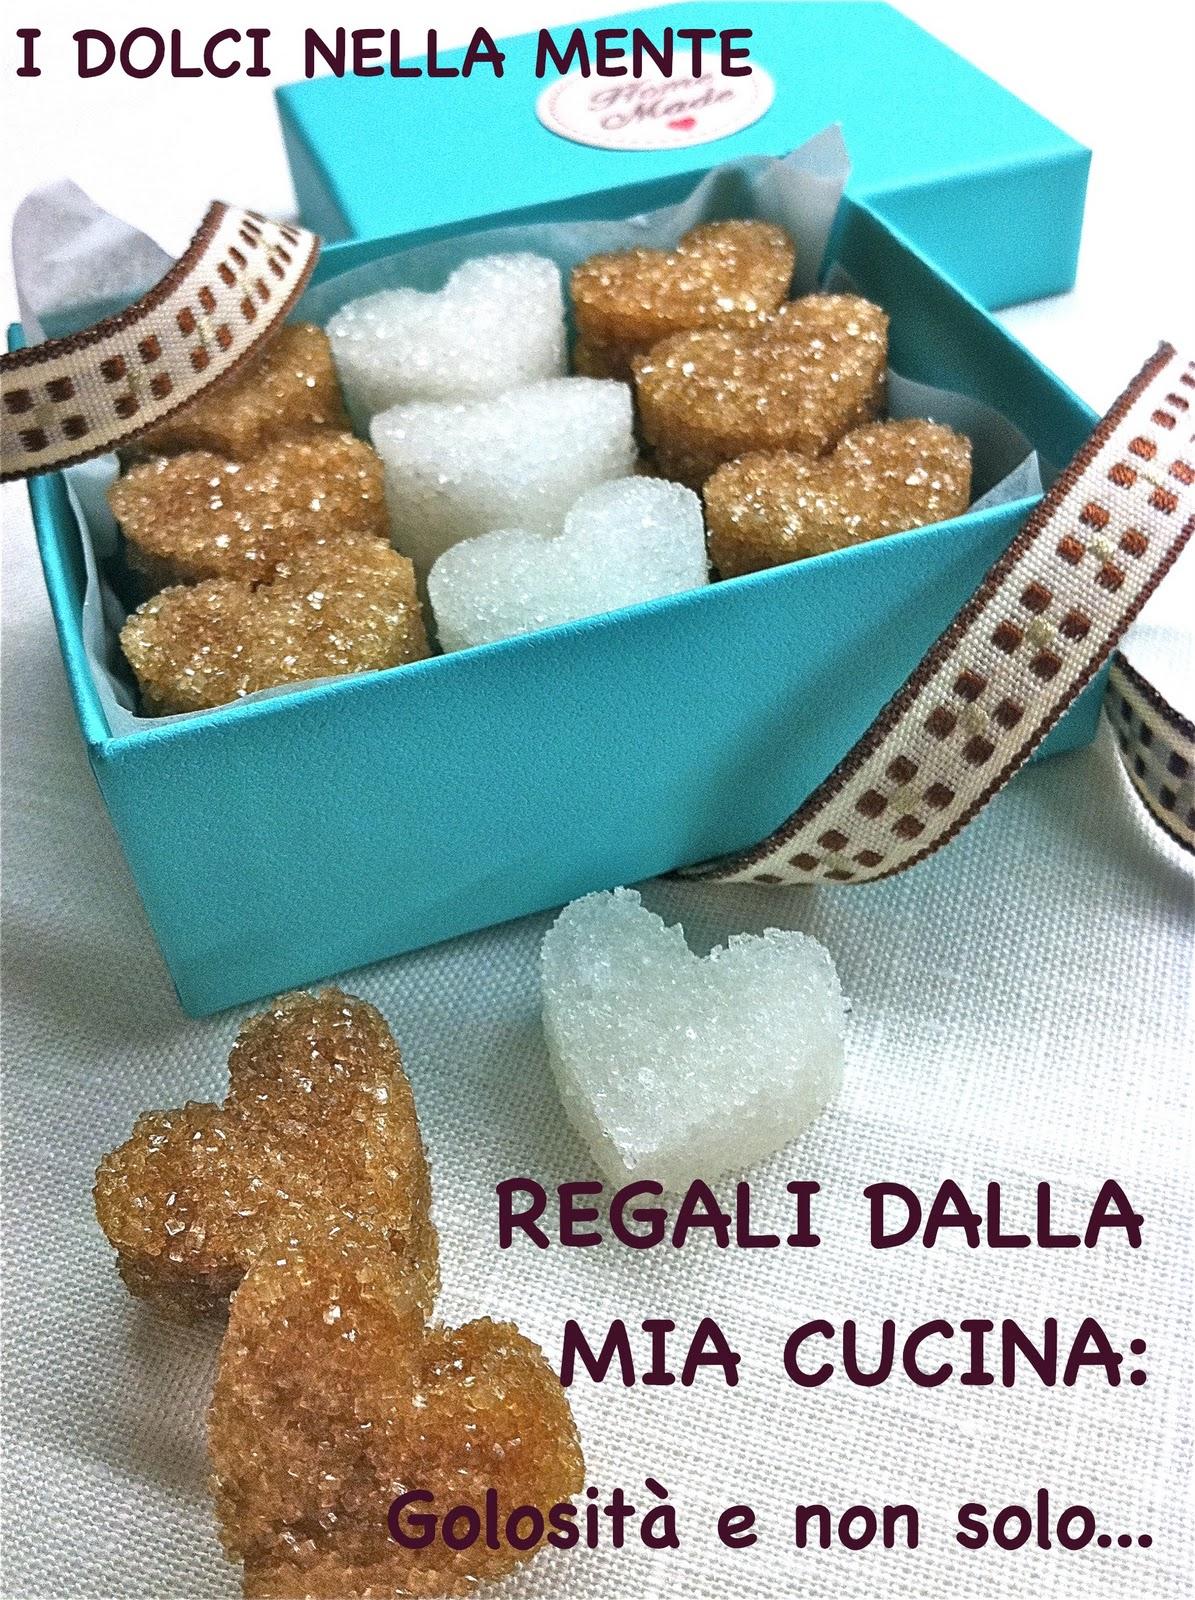 Top Regali dalla mia cucina: golosità e non solo… Il mio primo CONTEST!! JA66